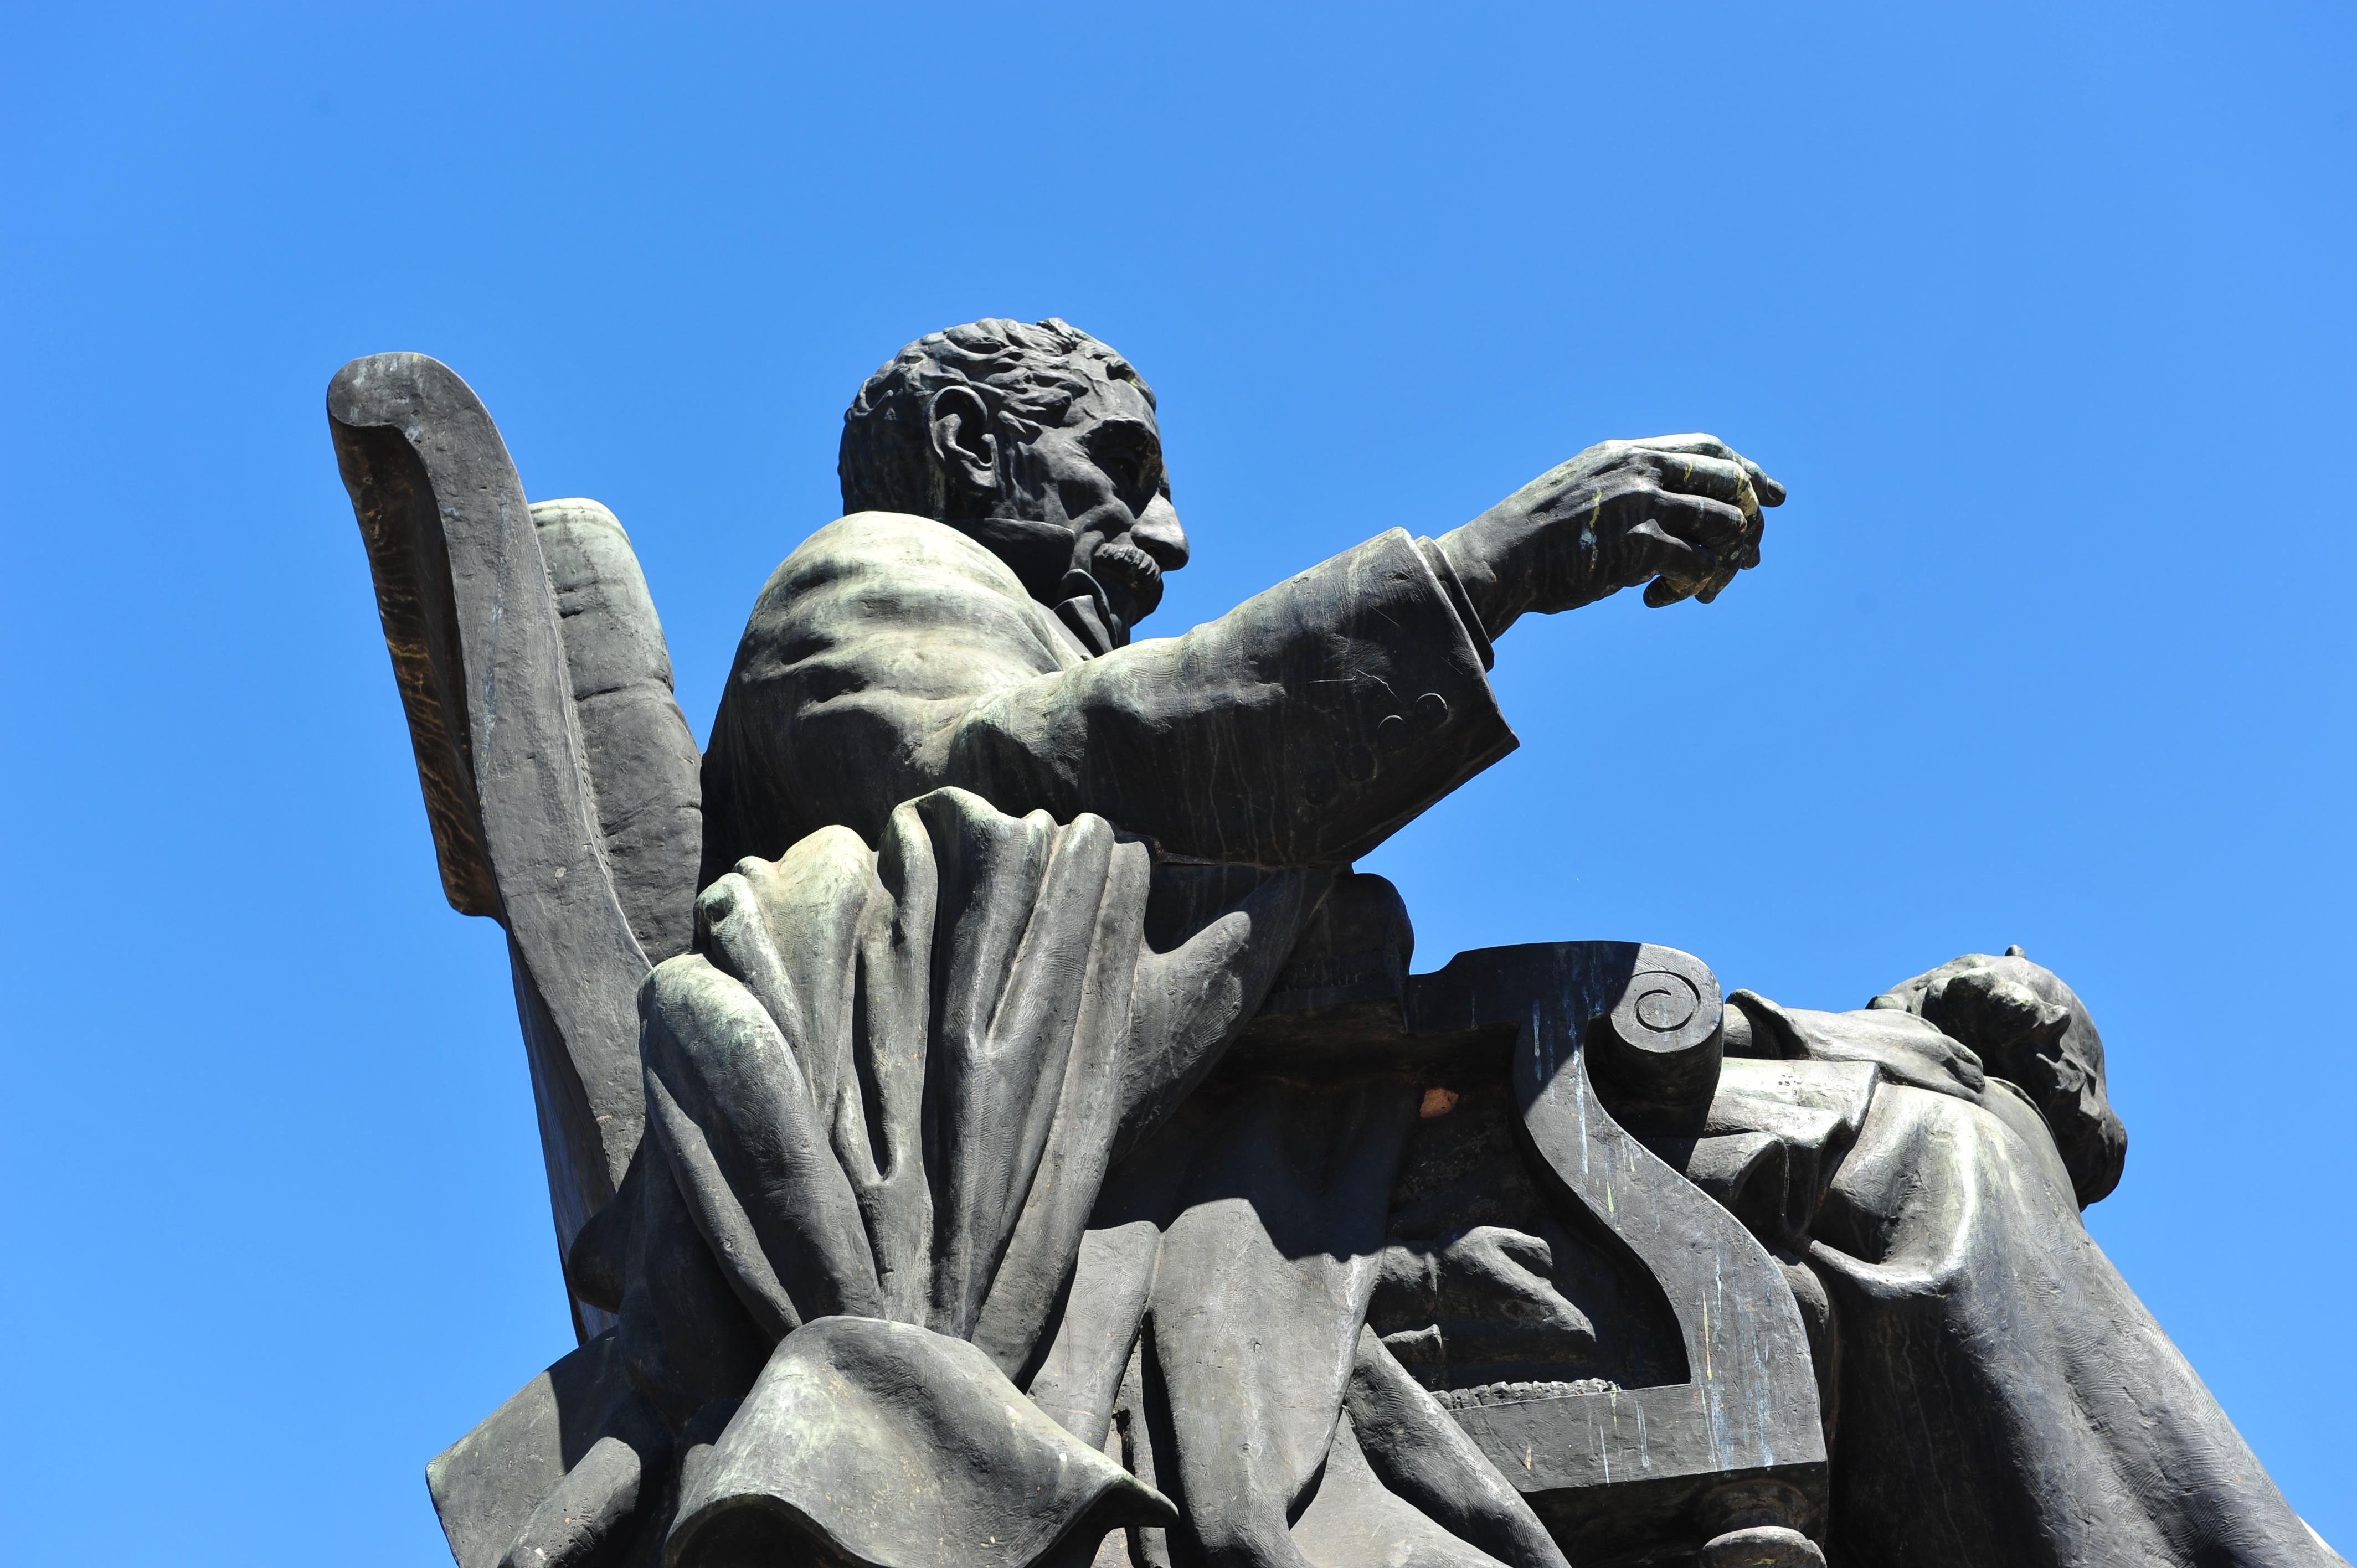 Francisco San Martin. San Martin